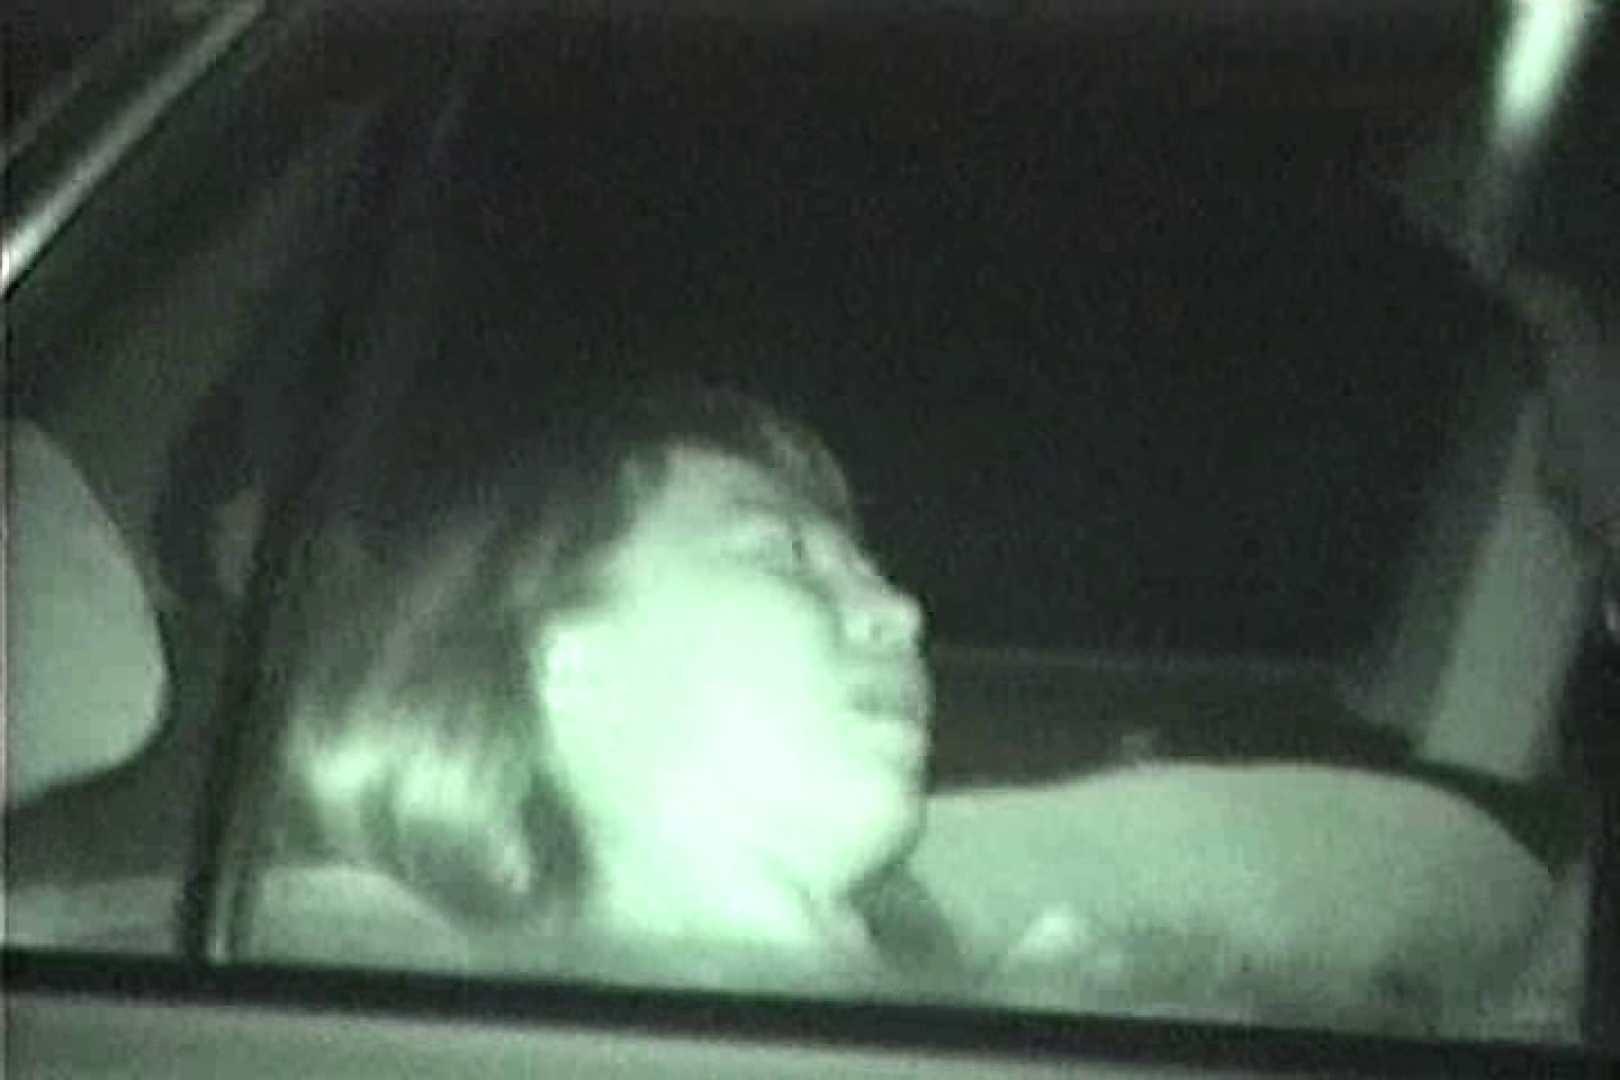 車の中はラブホテル 無修正版  Vol.9 望遠 オマンコ動画キャプチャ 60画像 46